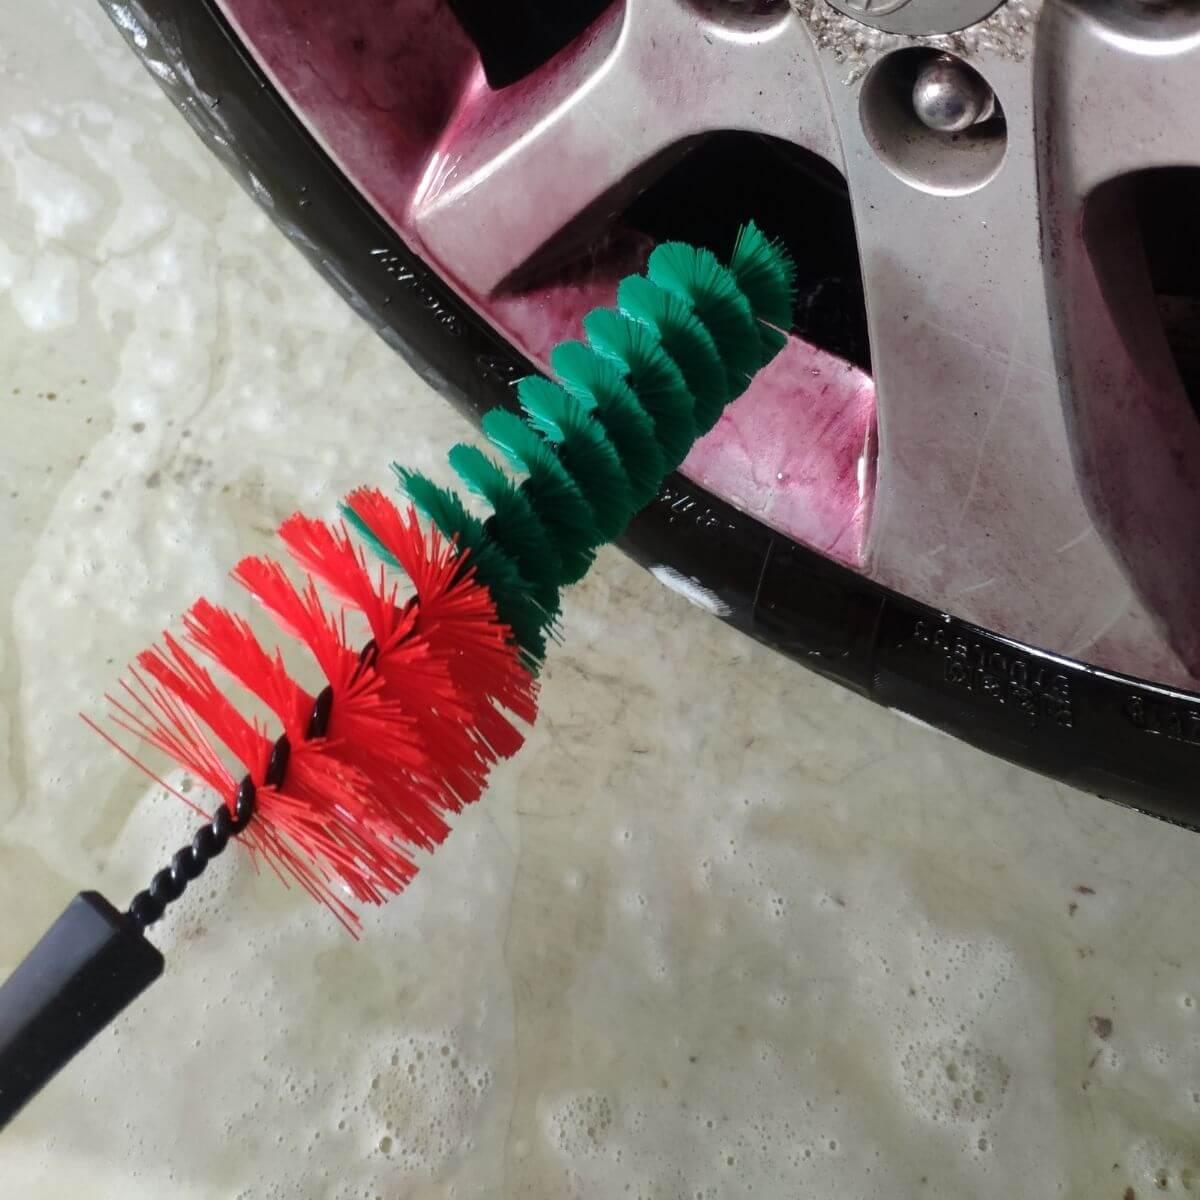 čistenie diskov pomocou kefy na kolesá Vikan